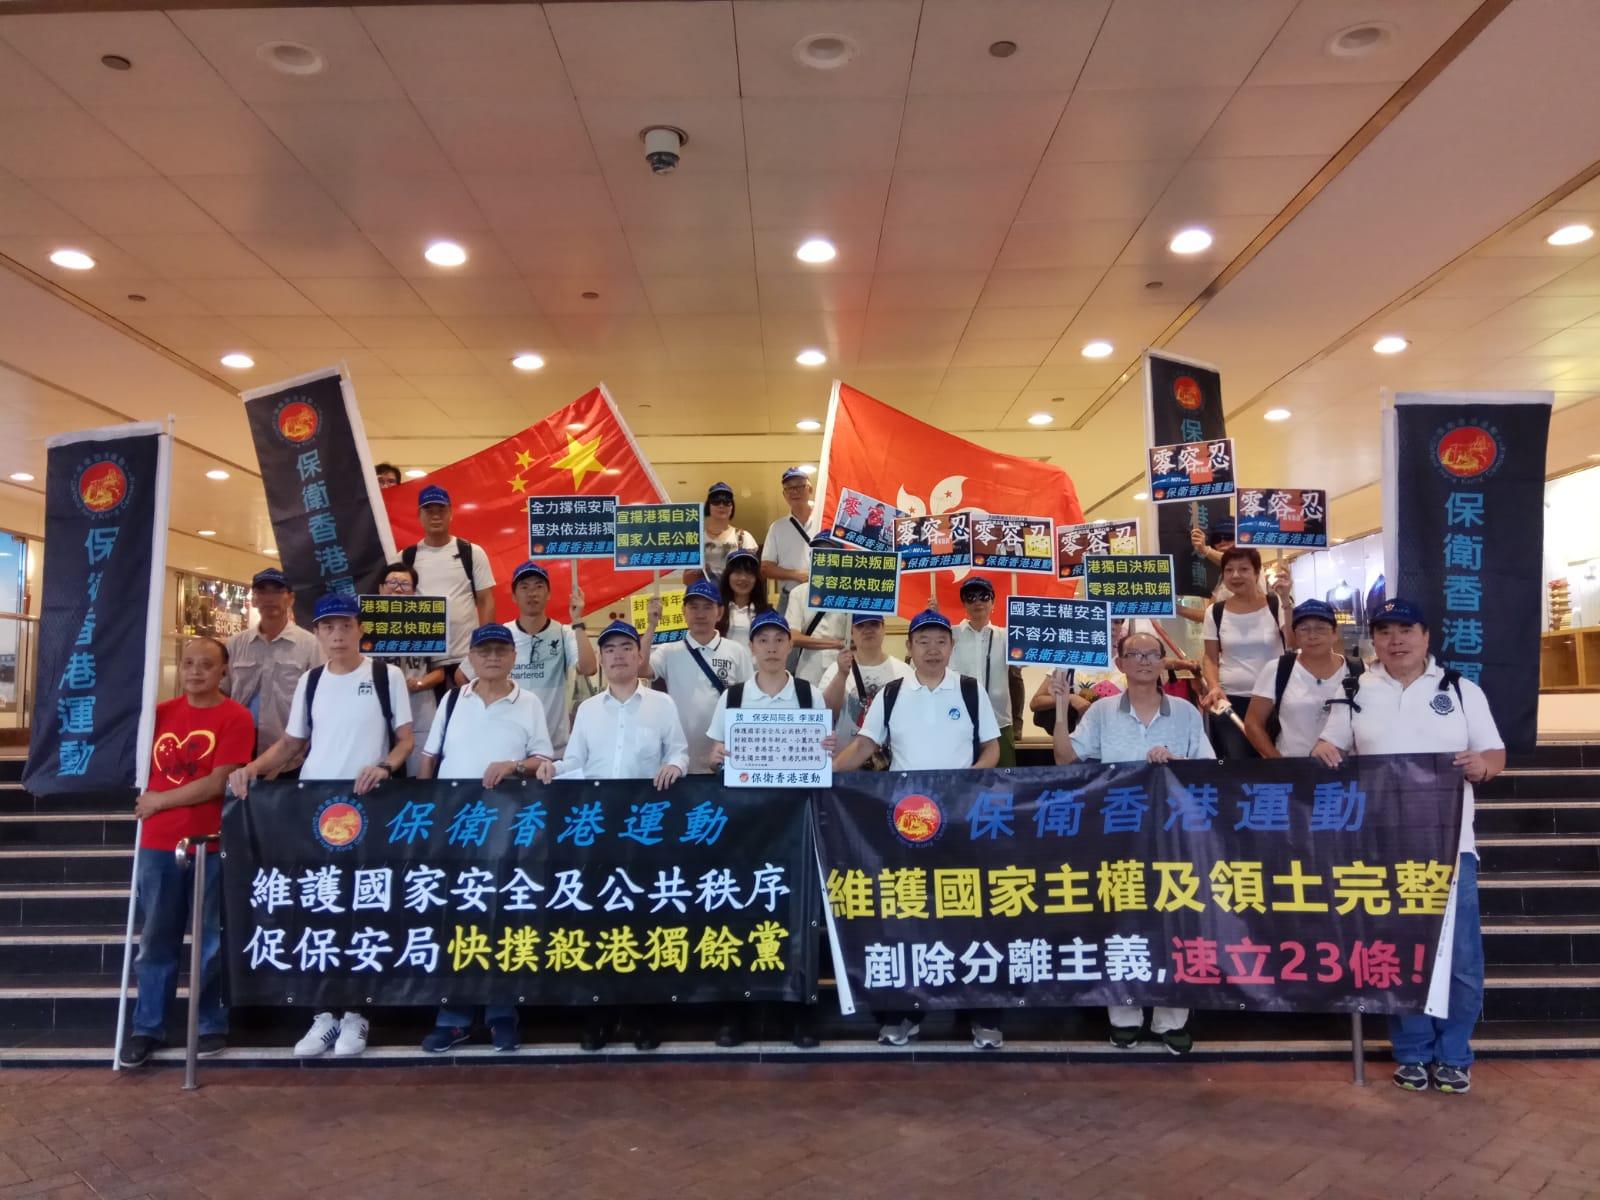 「保衛香港運動」主辦 : 「促請保安局封殺港獨餘黨」遊行集會